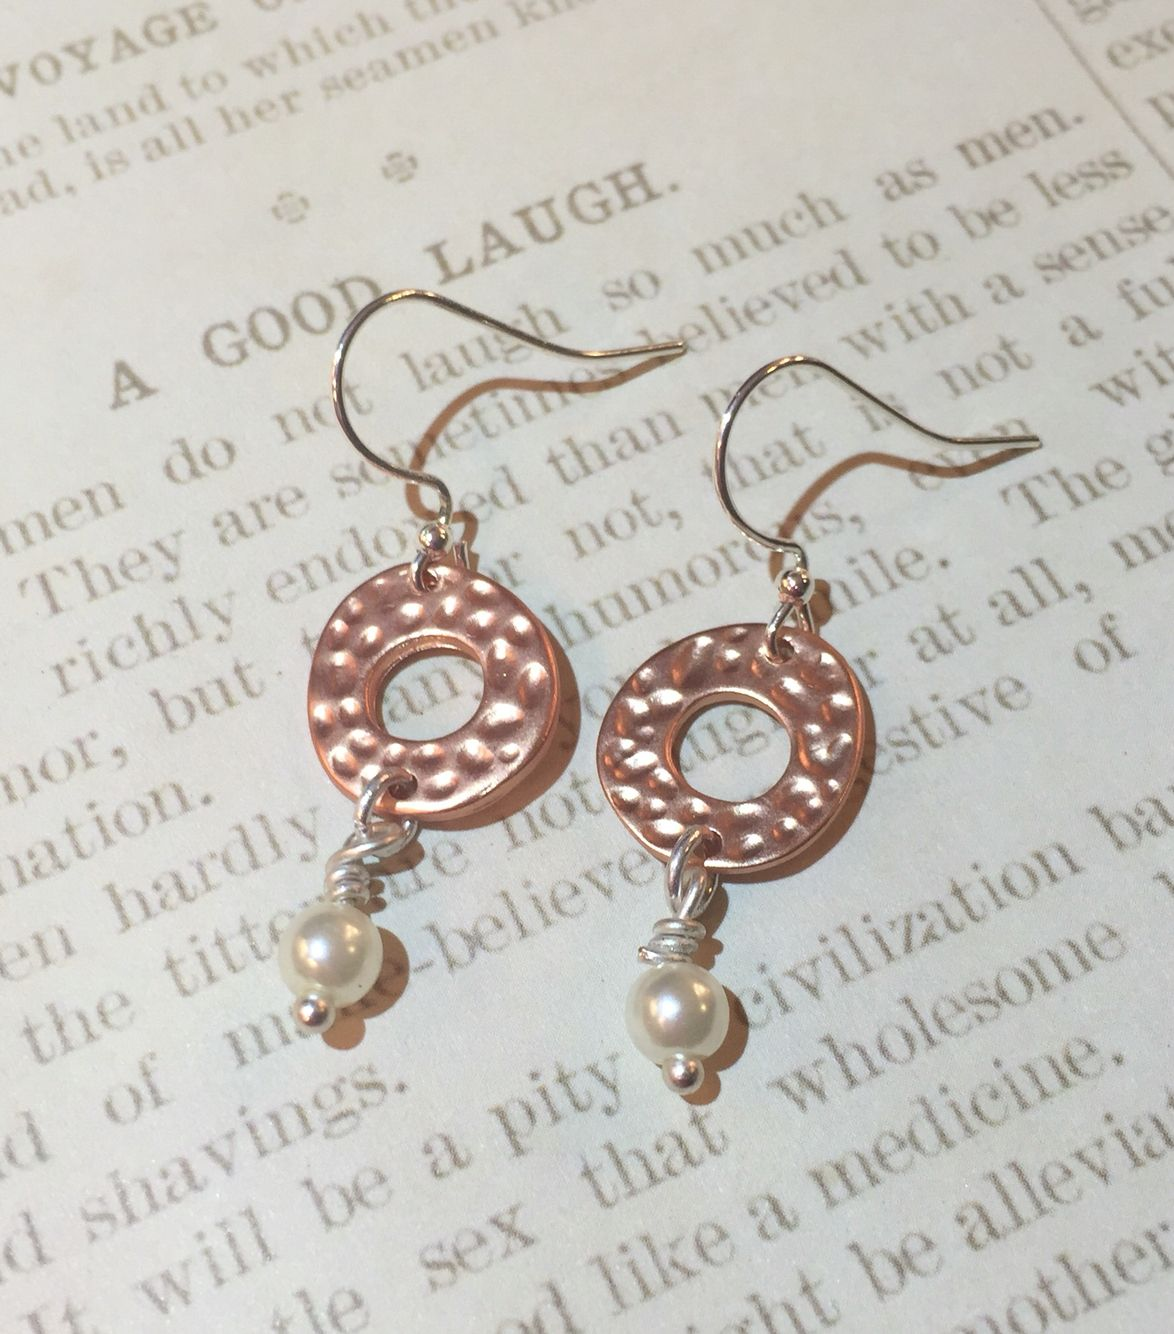 Mixed media earrings